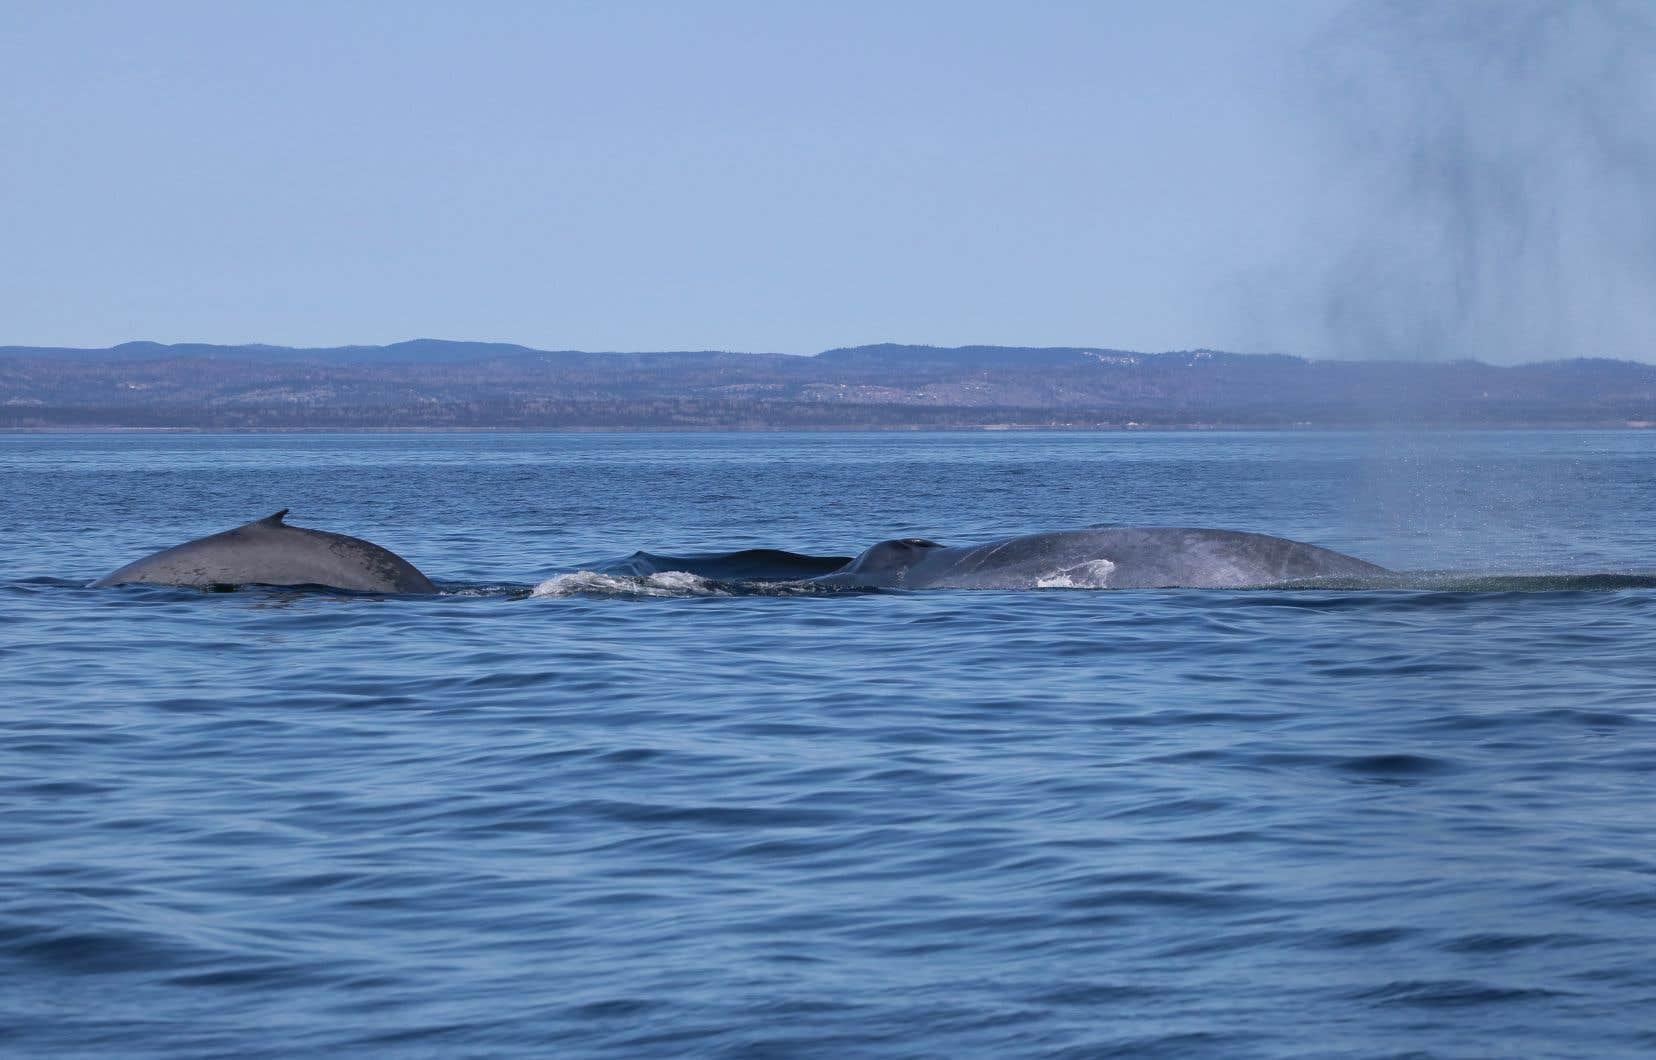 La femelle baleine bleue est connue depuis 1994, mais c'est la première fois qu'elle est aperçue avec un baleineau.